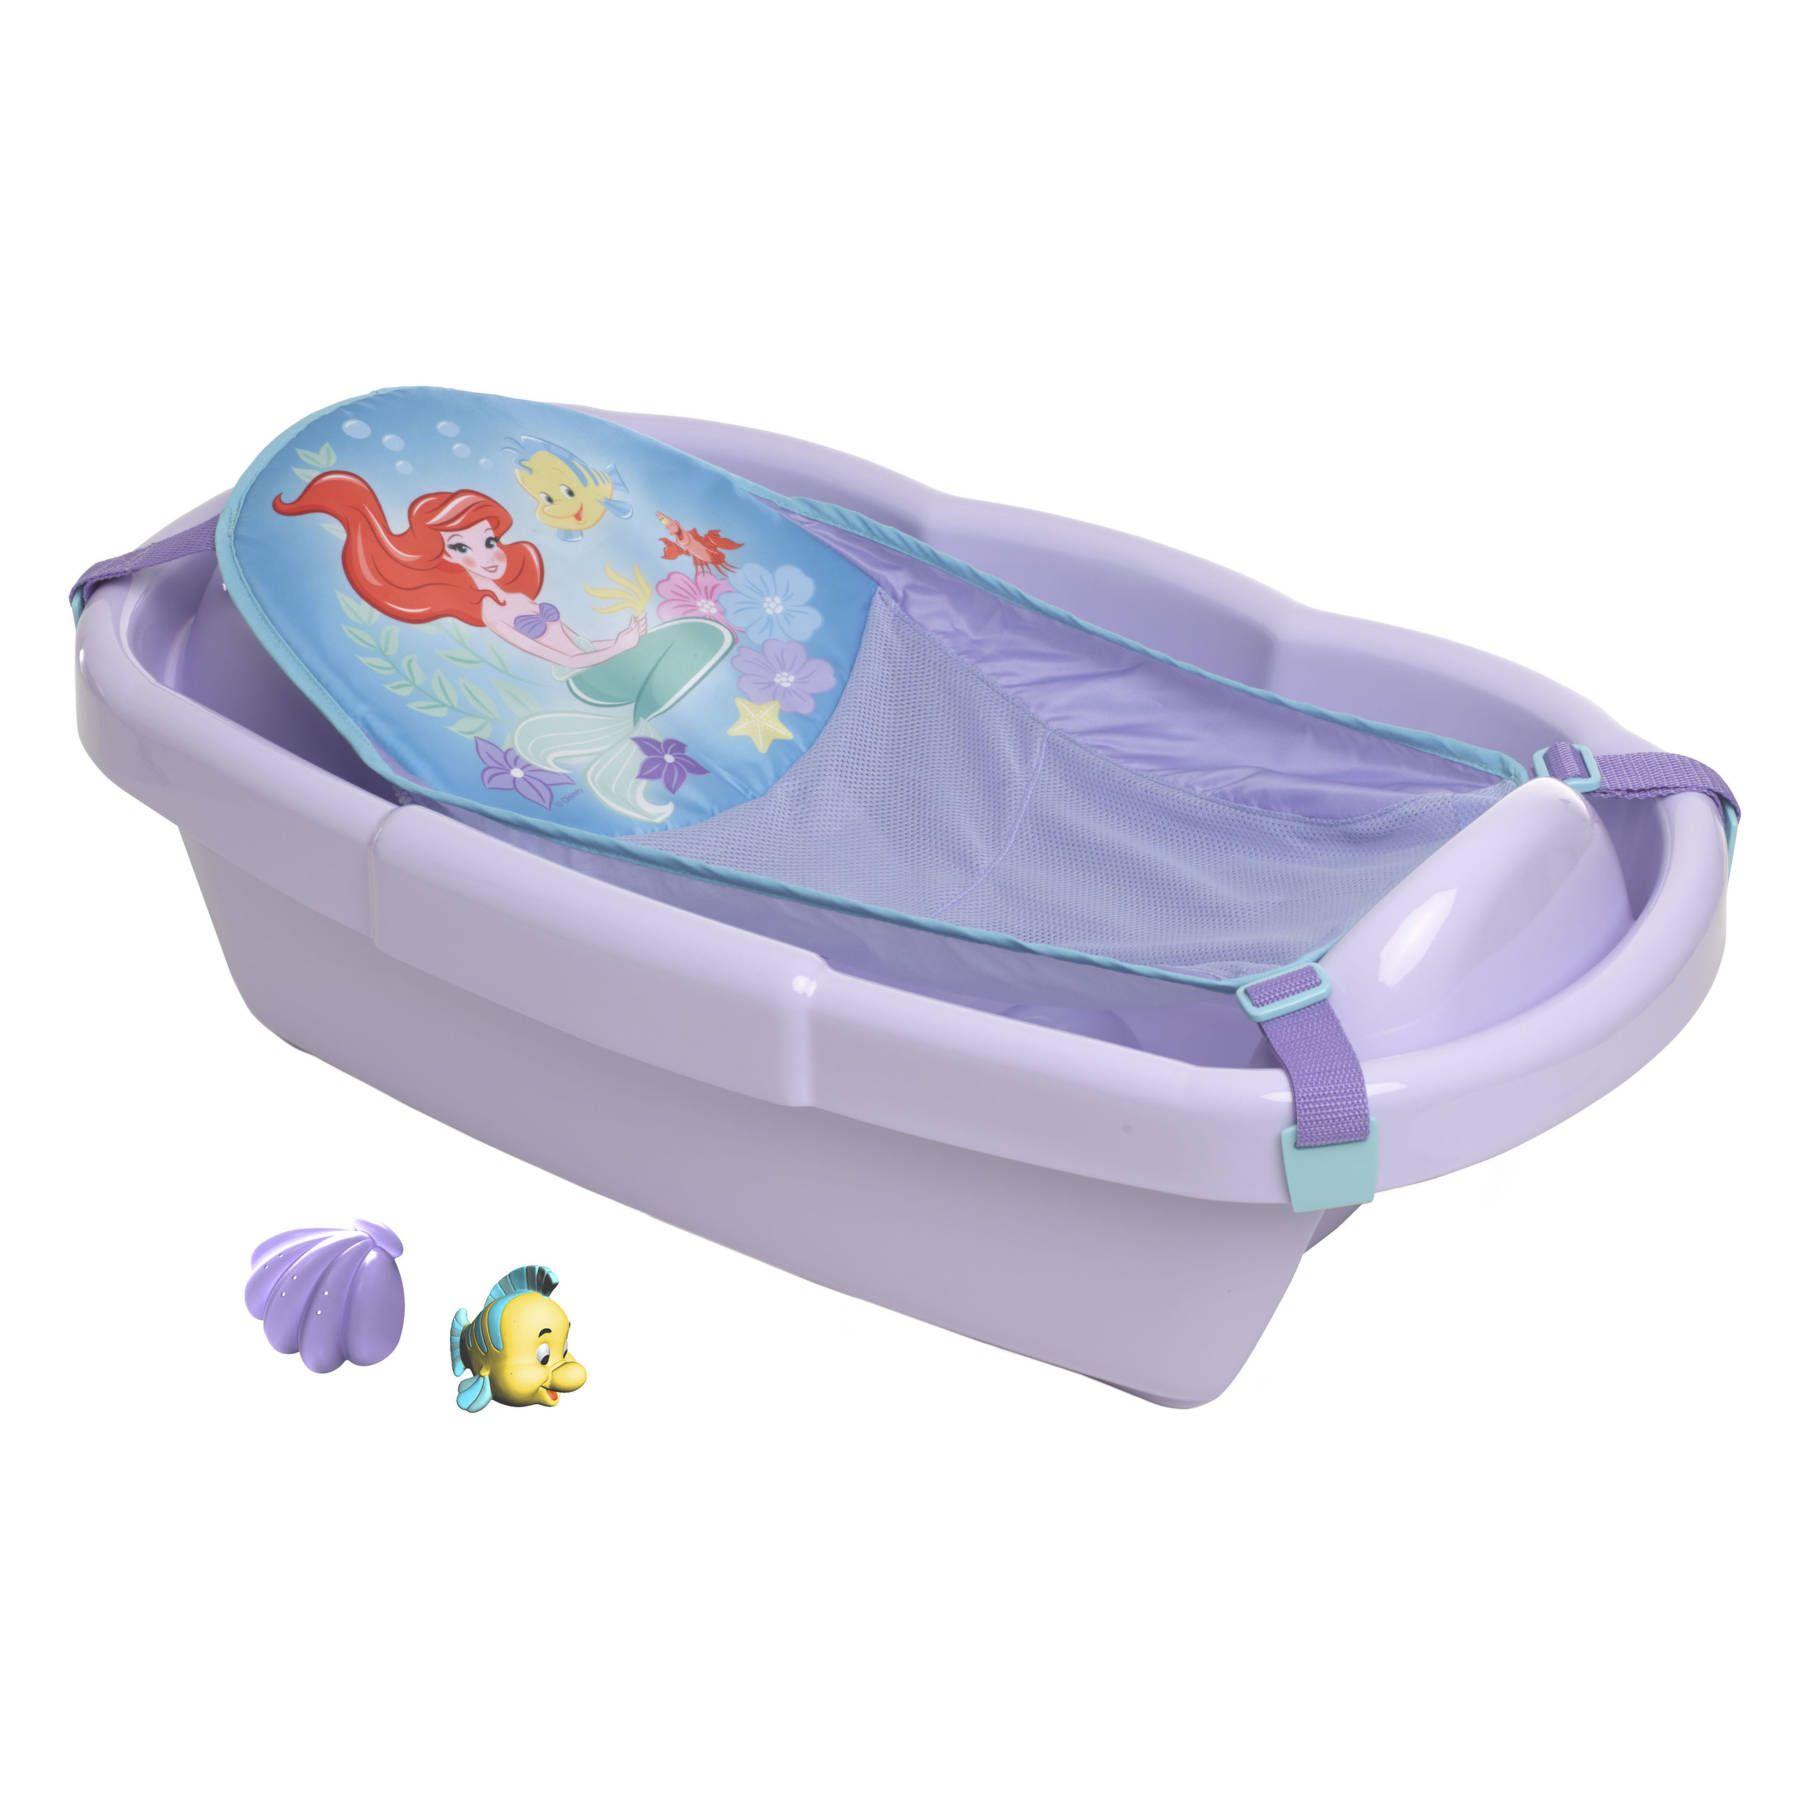 Little mermaid shower curtain target - The Little Mermaid Ariel Bath Tub Featuring Disney Princess